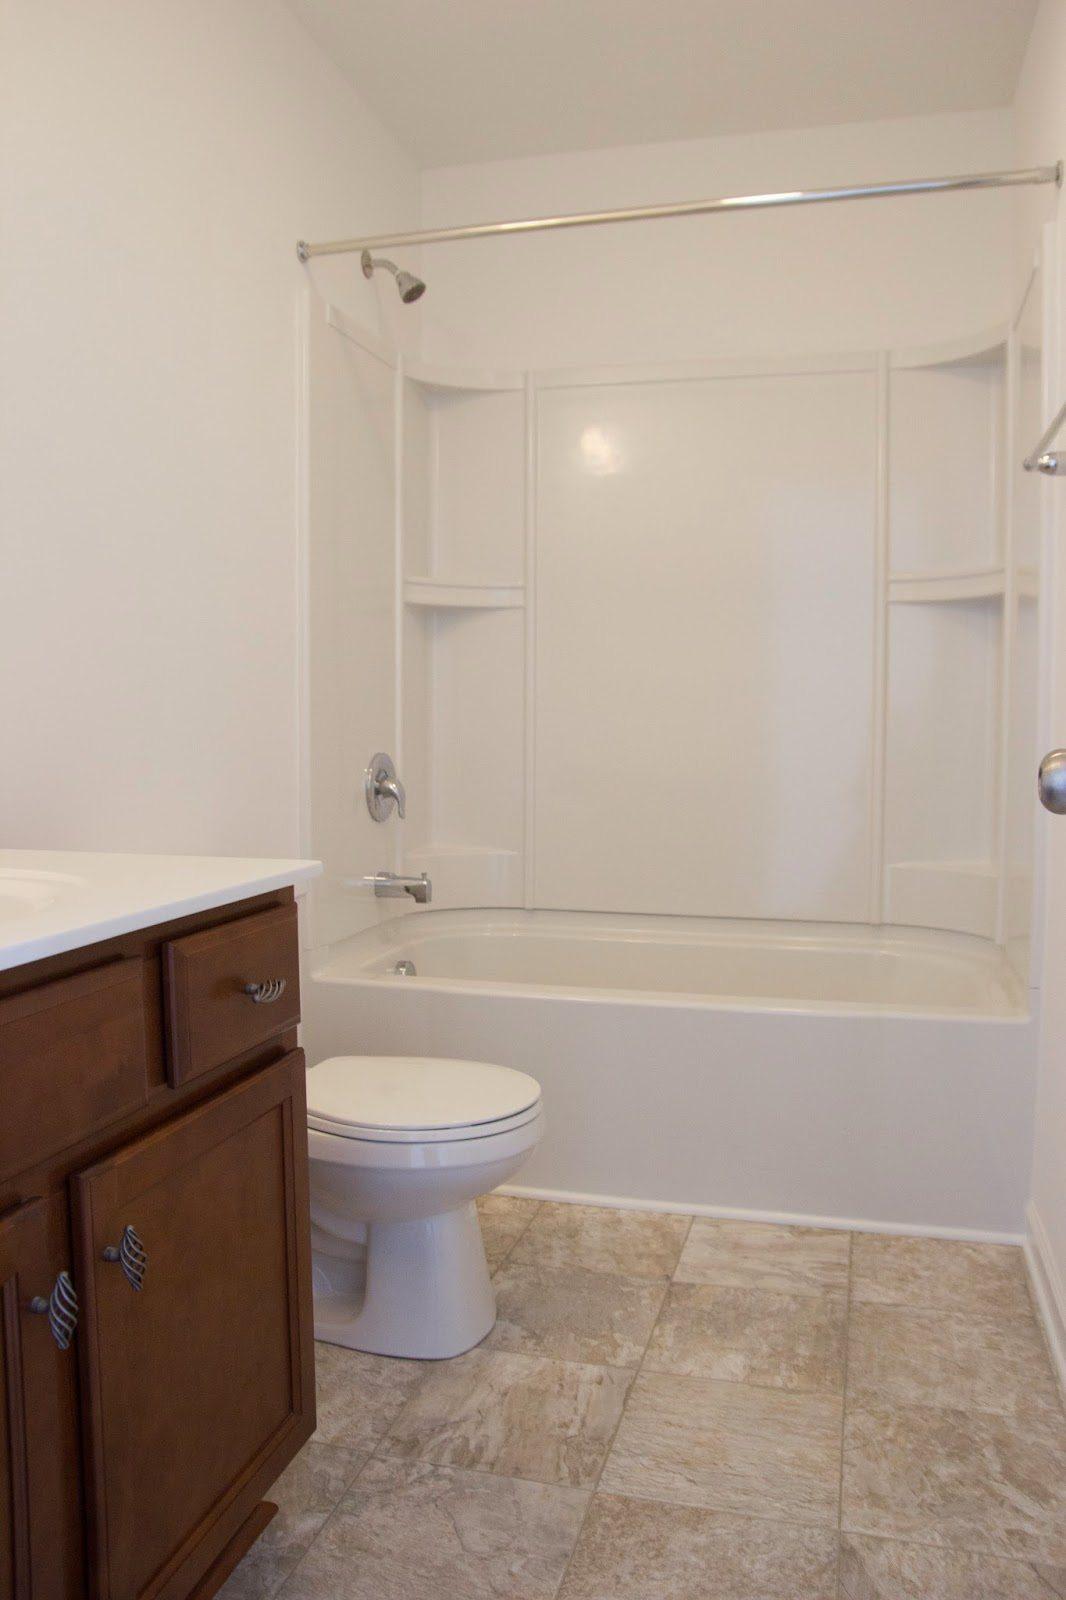 How To Make Every Grade More Like >> Modern Farmhouse Bathroom Makeover Reveal